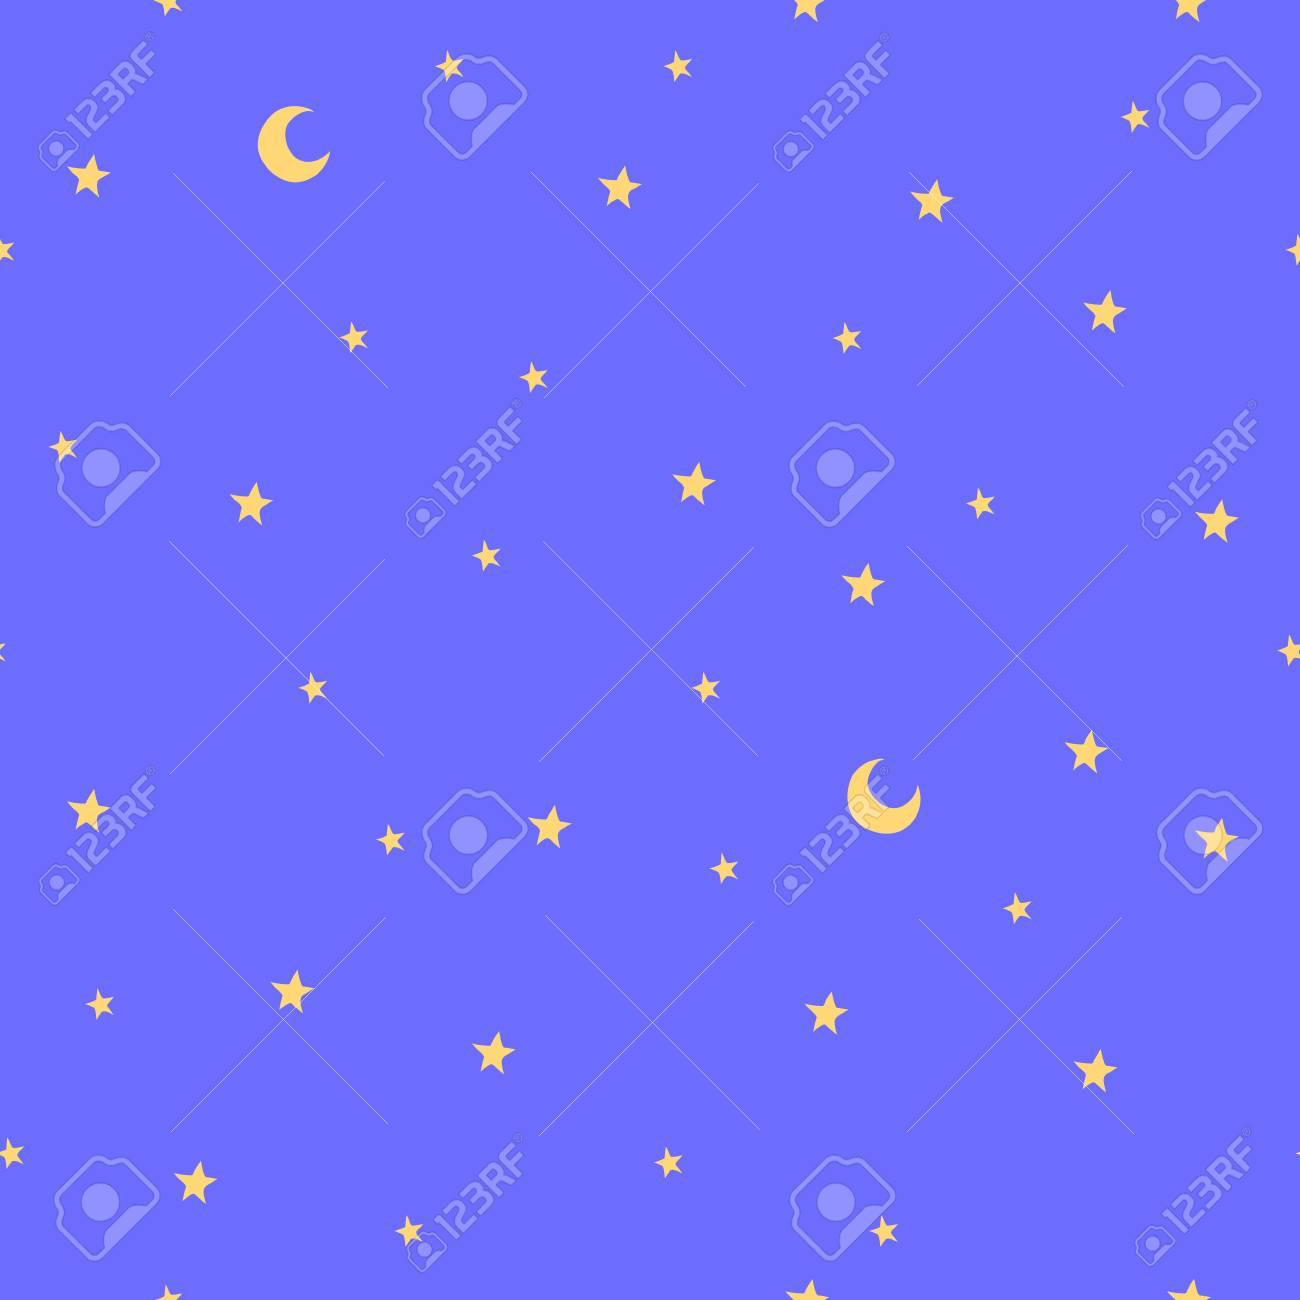 Vettoriale Modello Senza Cuciture Con Stelle E Luna Buona Notte